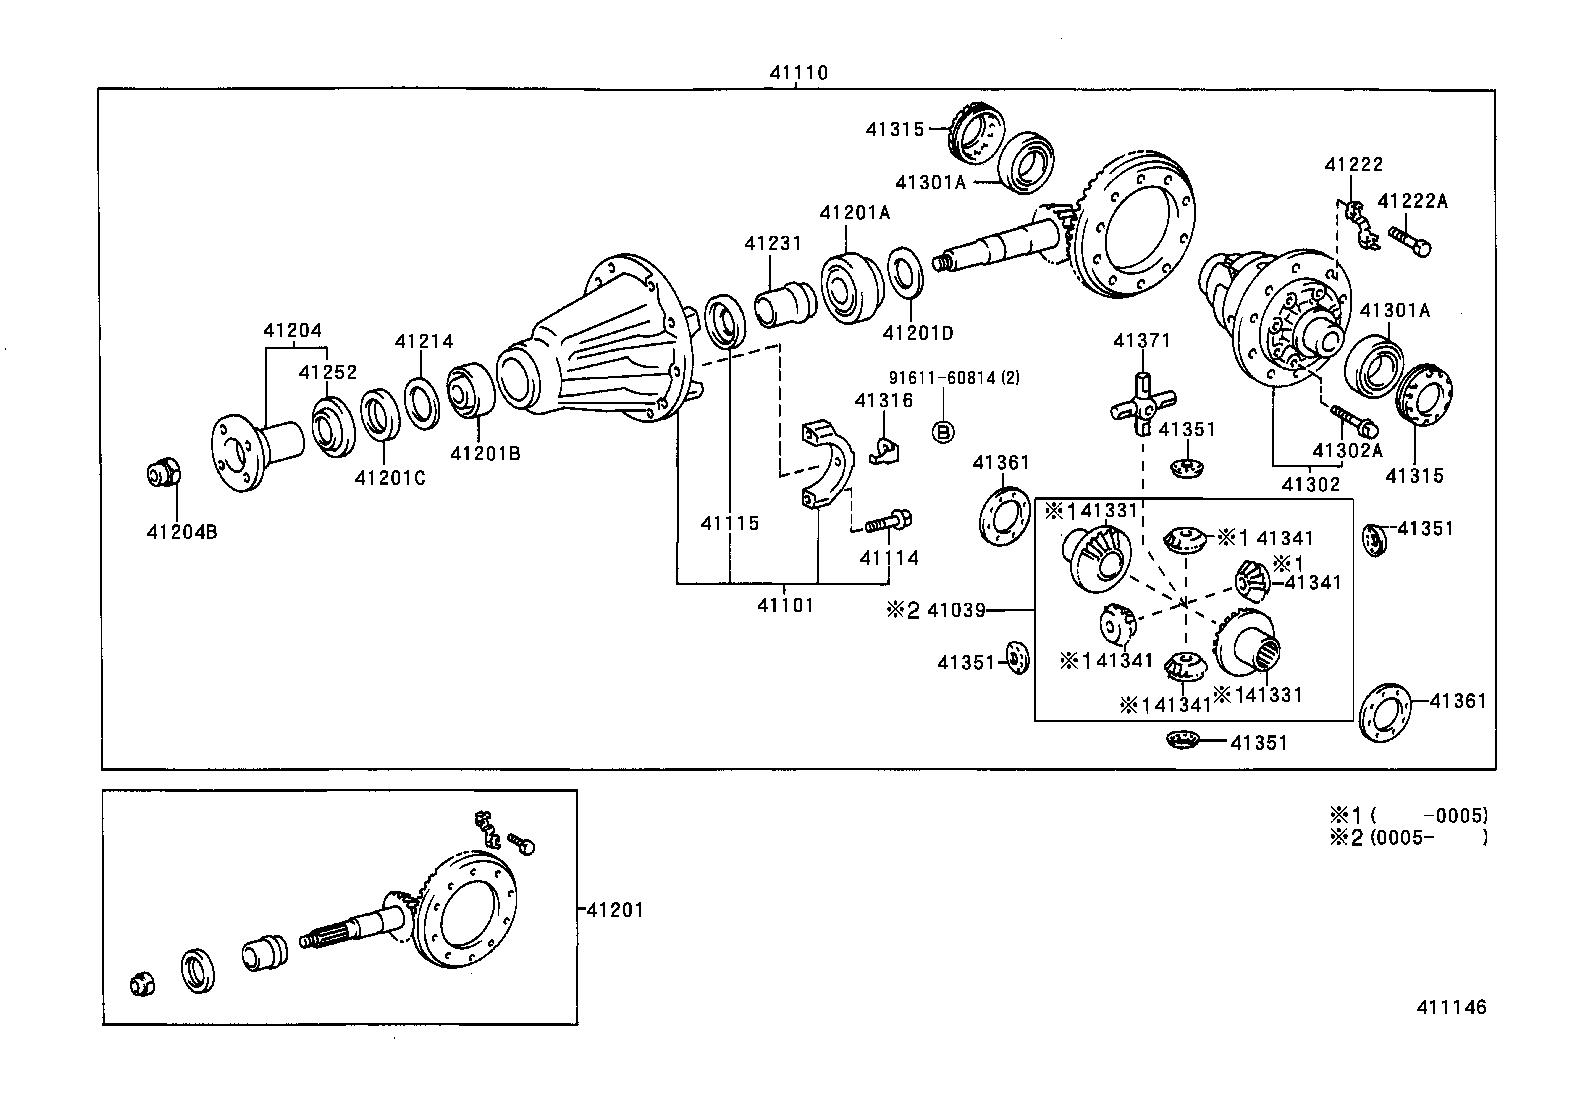 TOYOTA 4RUNNERVZN185L-GKPGK